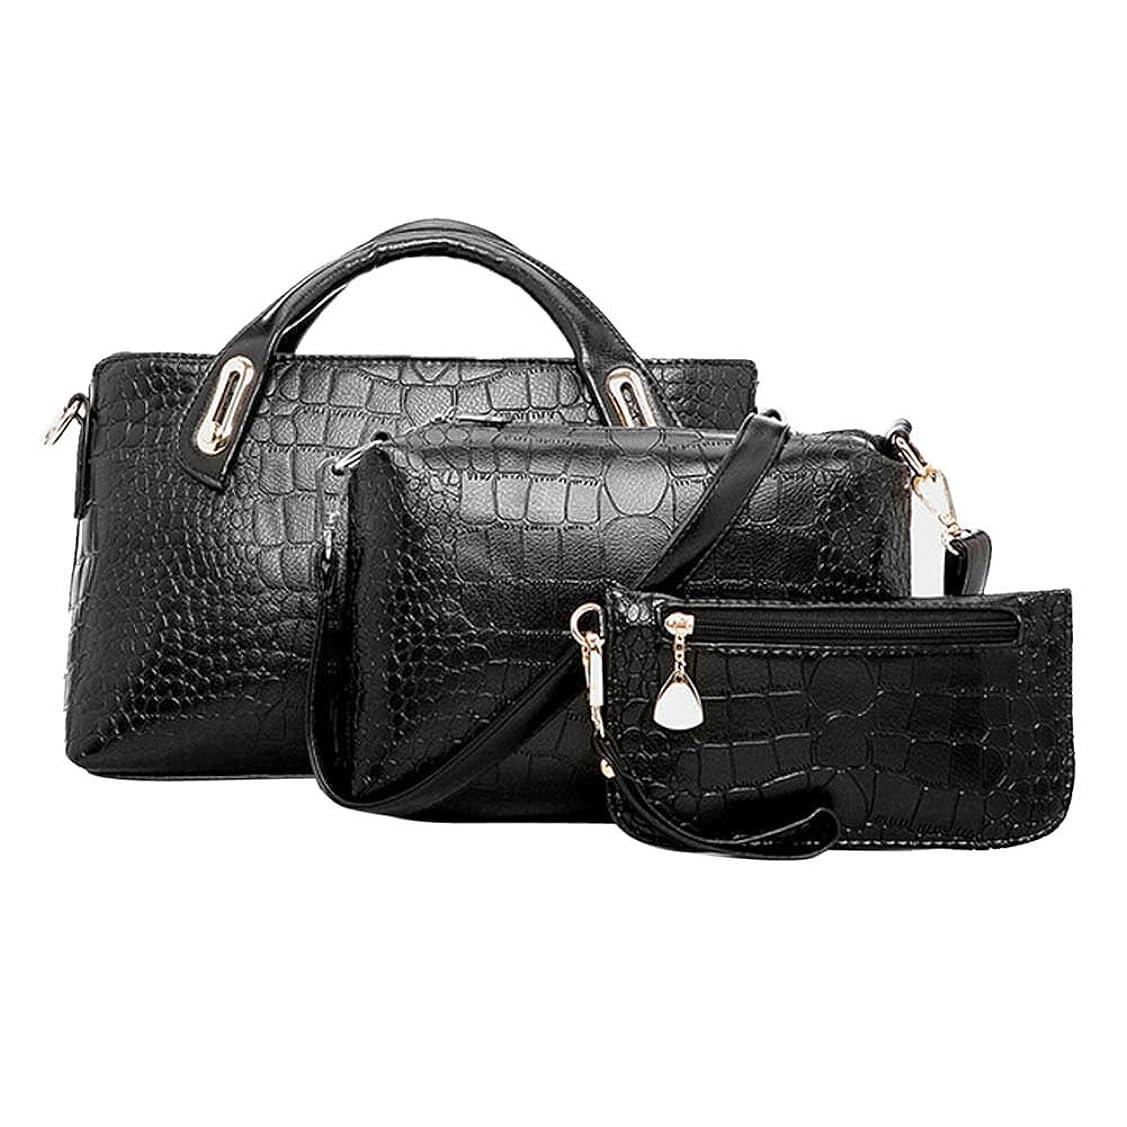 ミュウミュウちらつき感謝するトートバック/ショルダーバック/ハンドバック/3PCS Women Ladies Handbag Pu Leather Shoulder Crossbody Bag Tote Messenger Purse